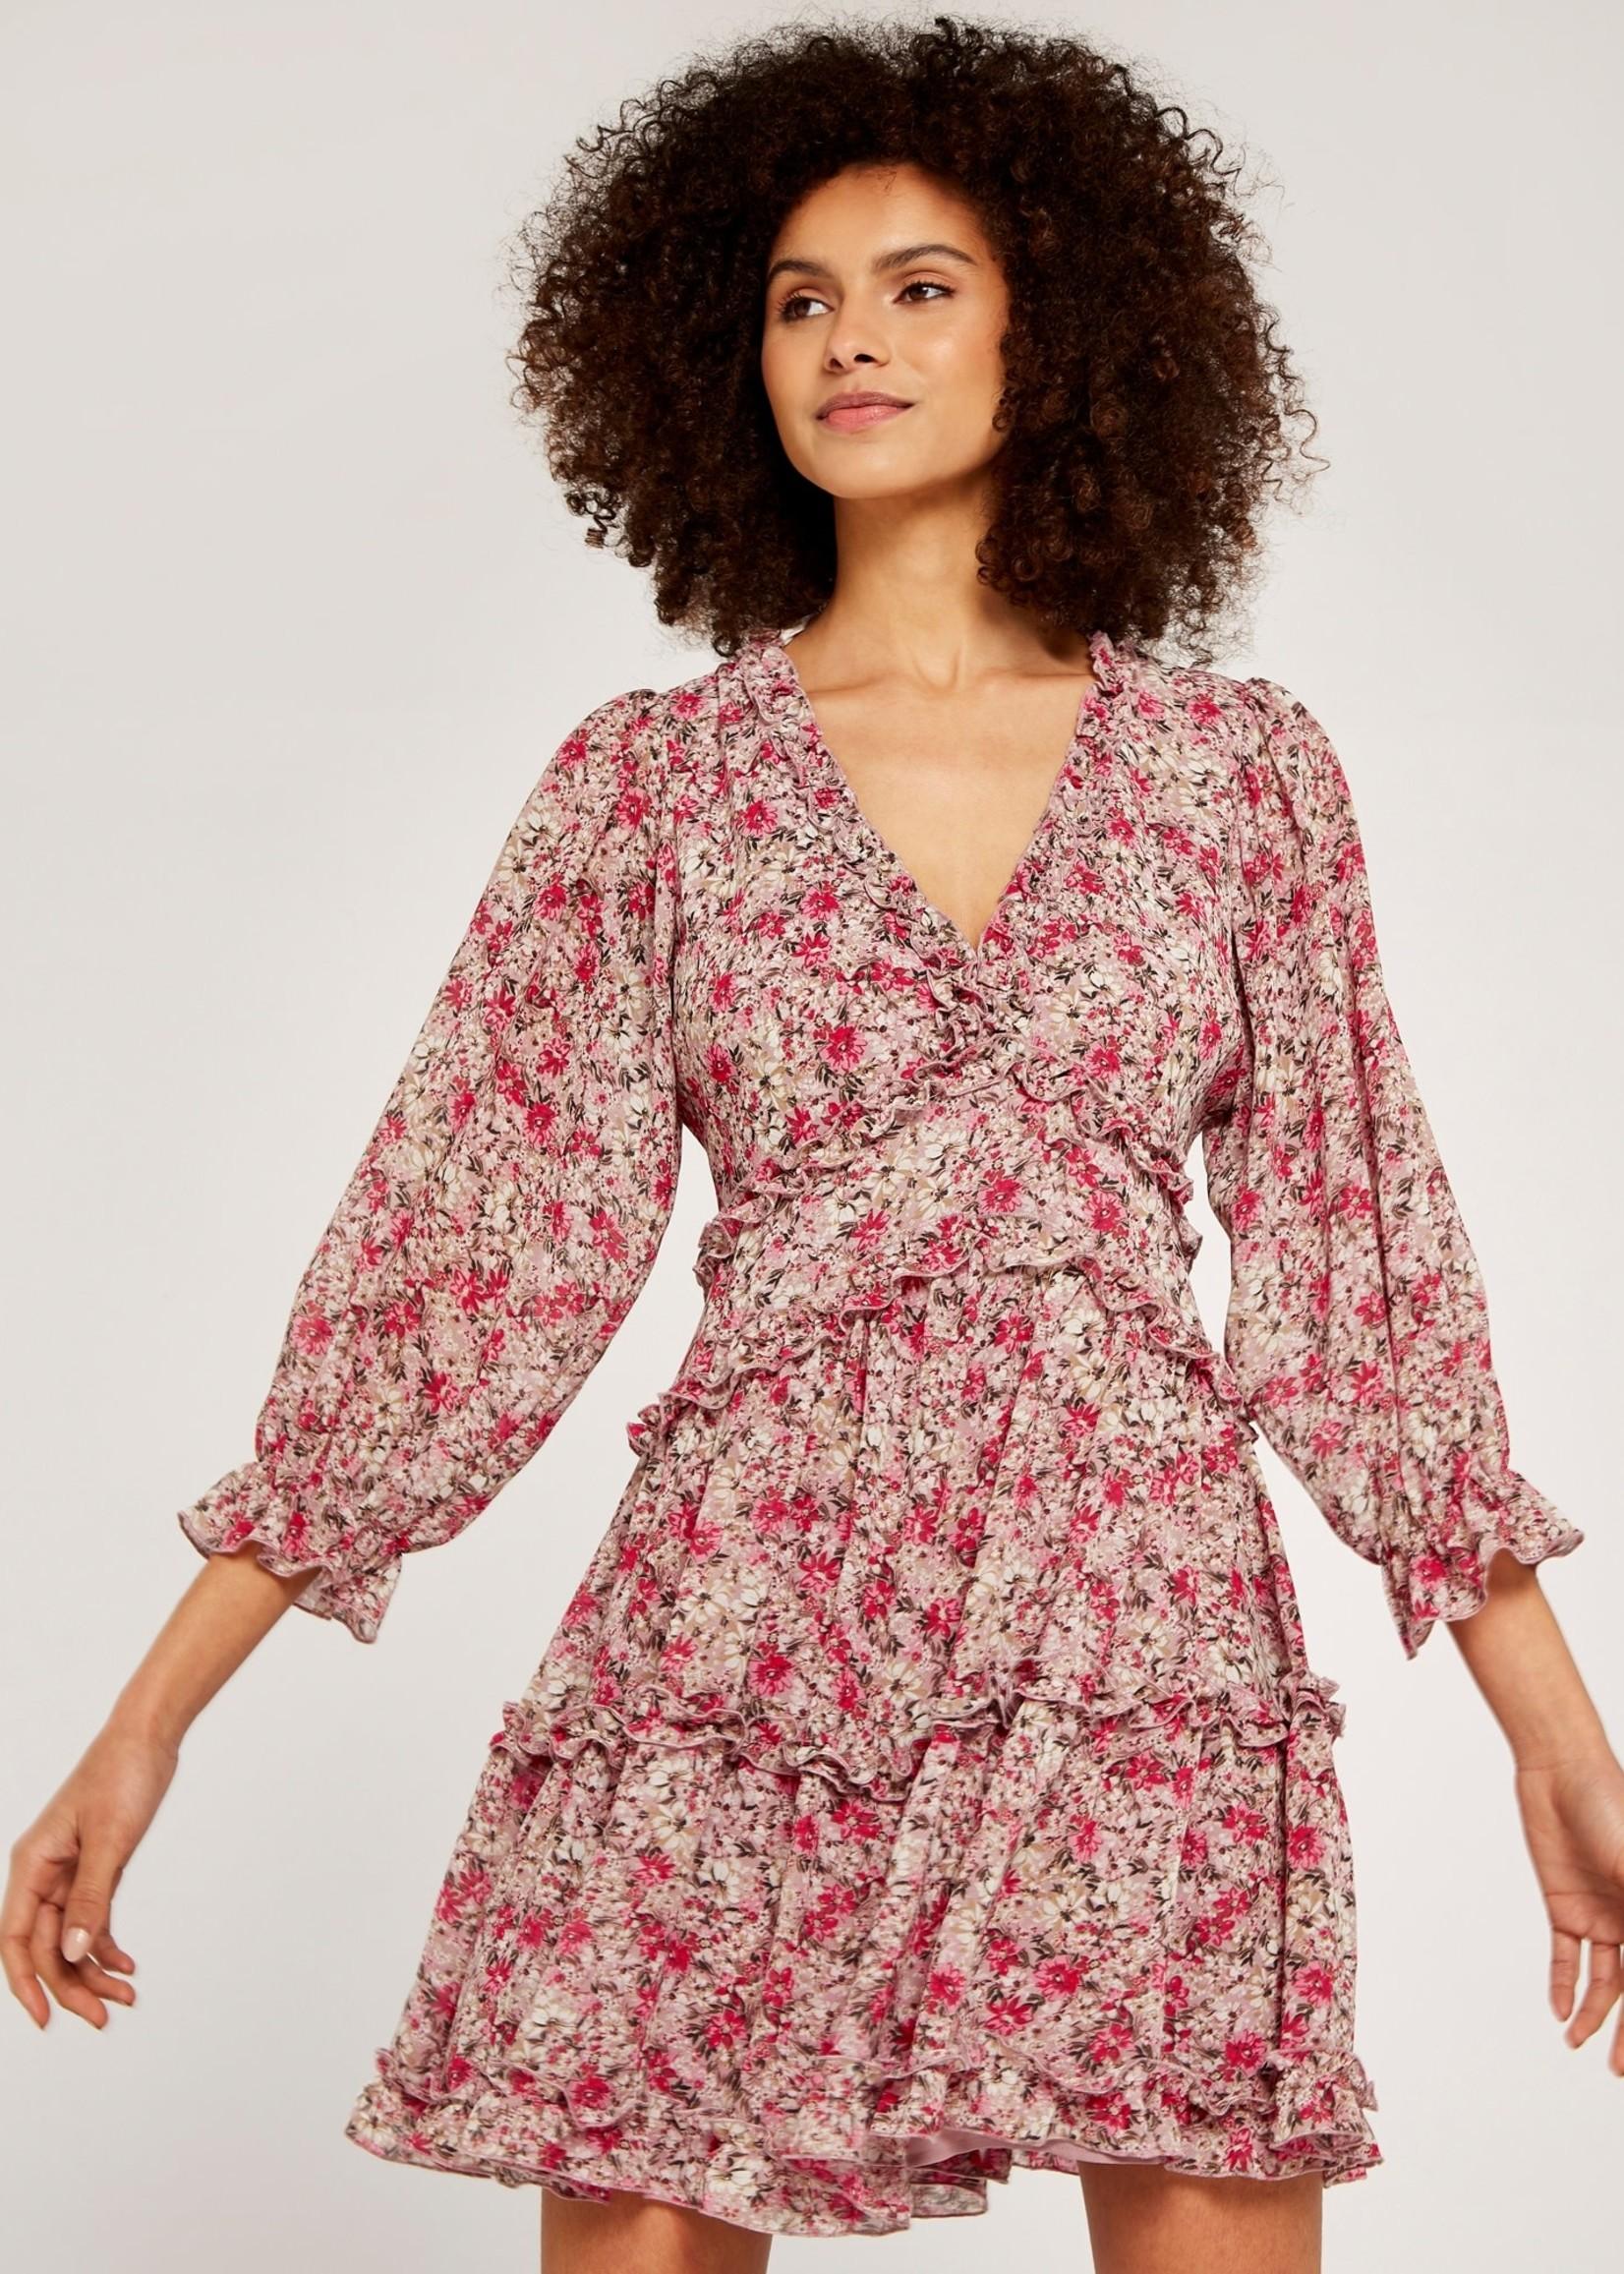 Apricot 529366 Ruffle Dress